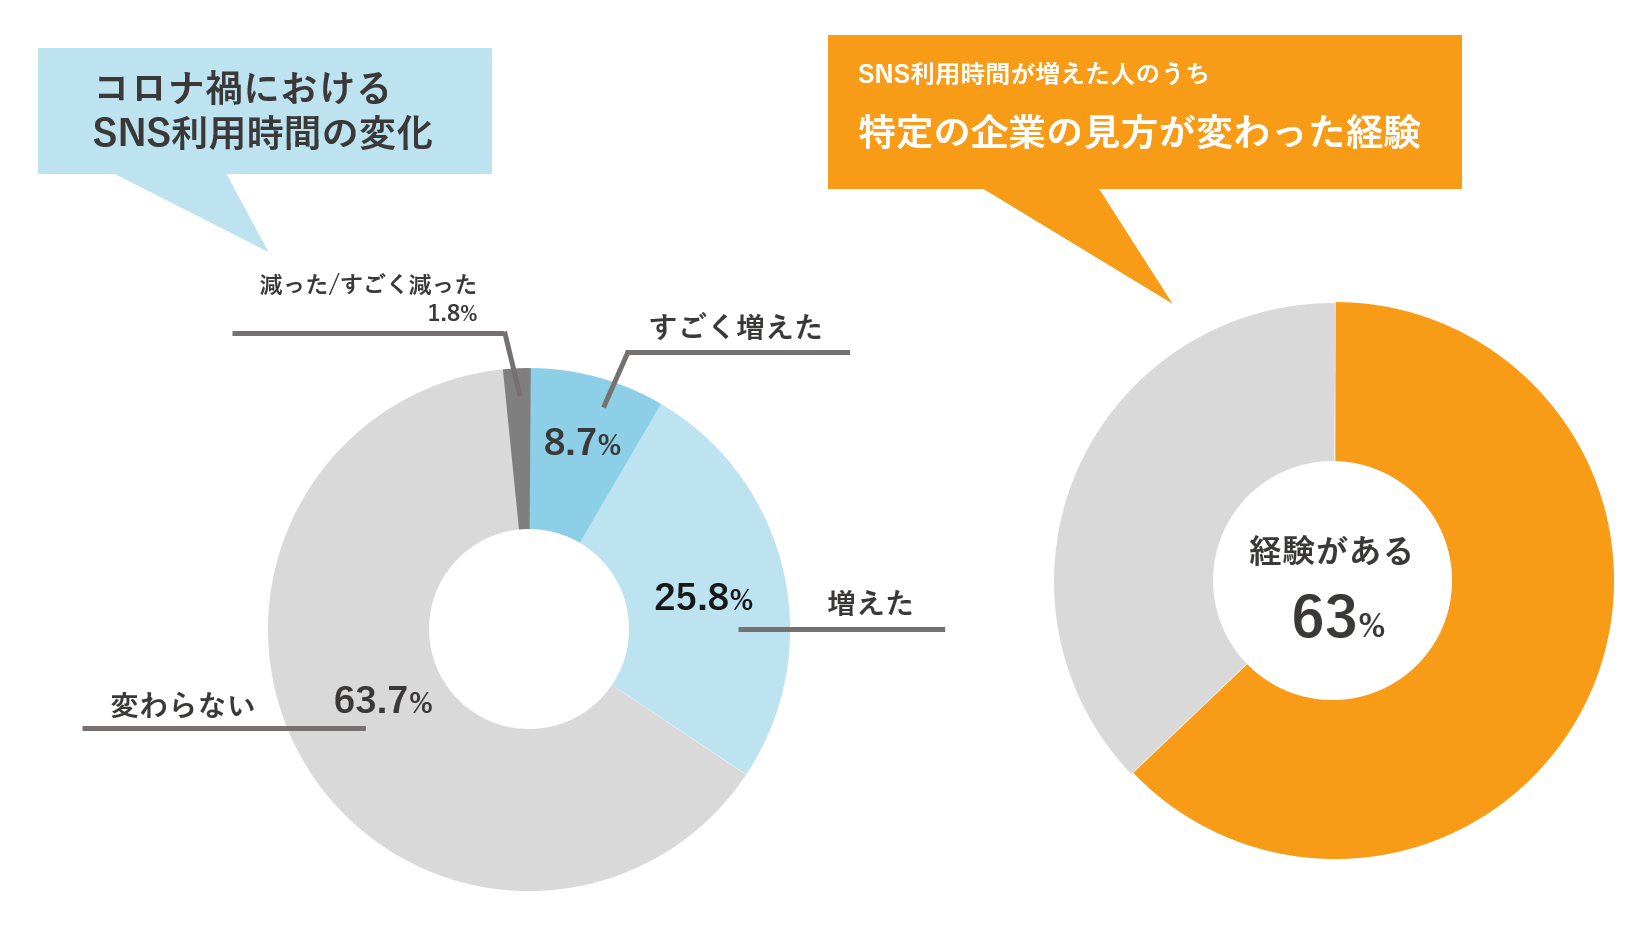 消費者のSNS動向の変化